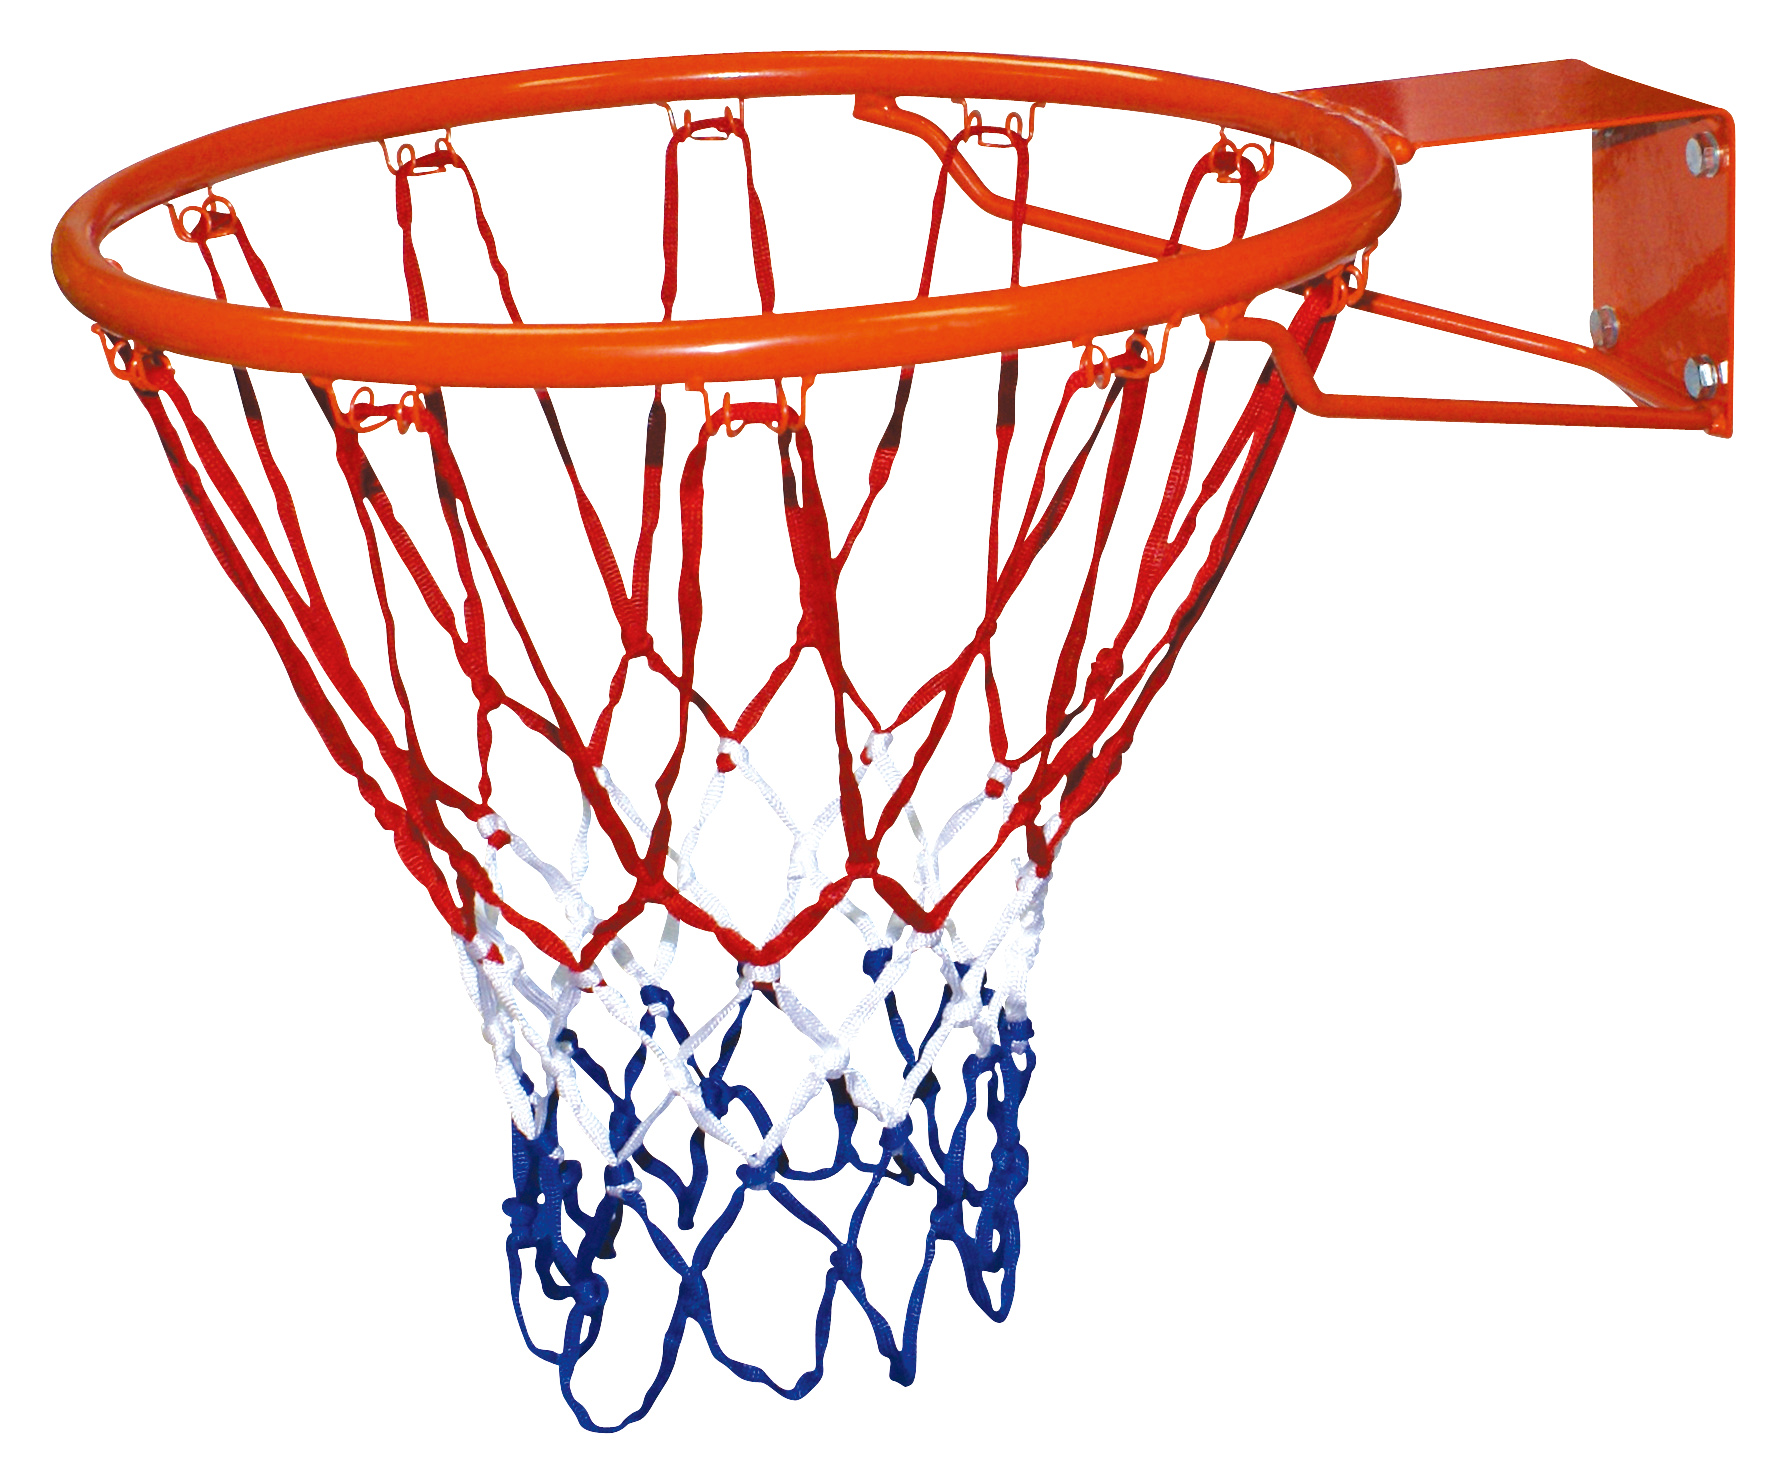 Playfun - Basketball Ring Set (8611)